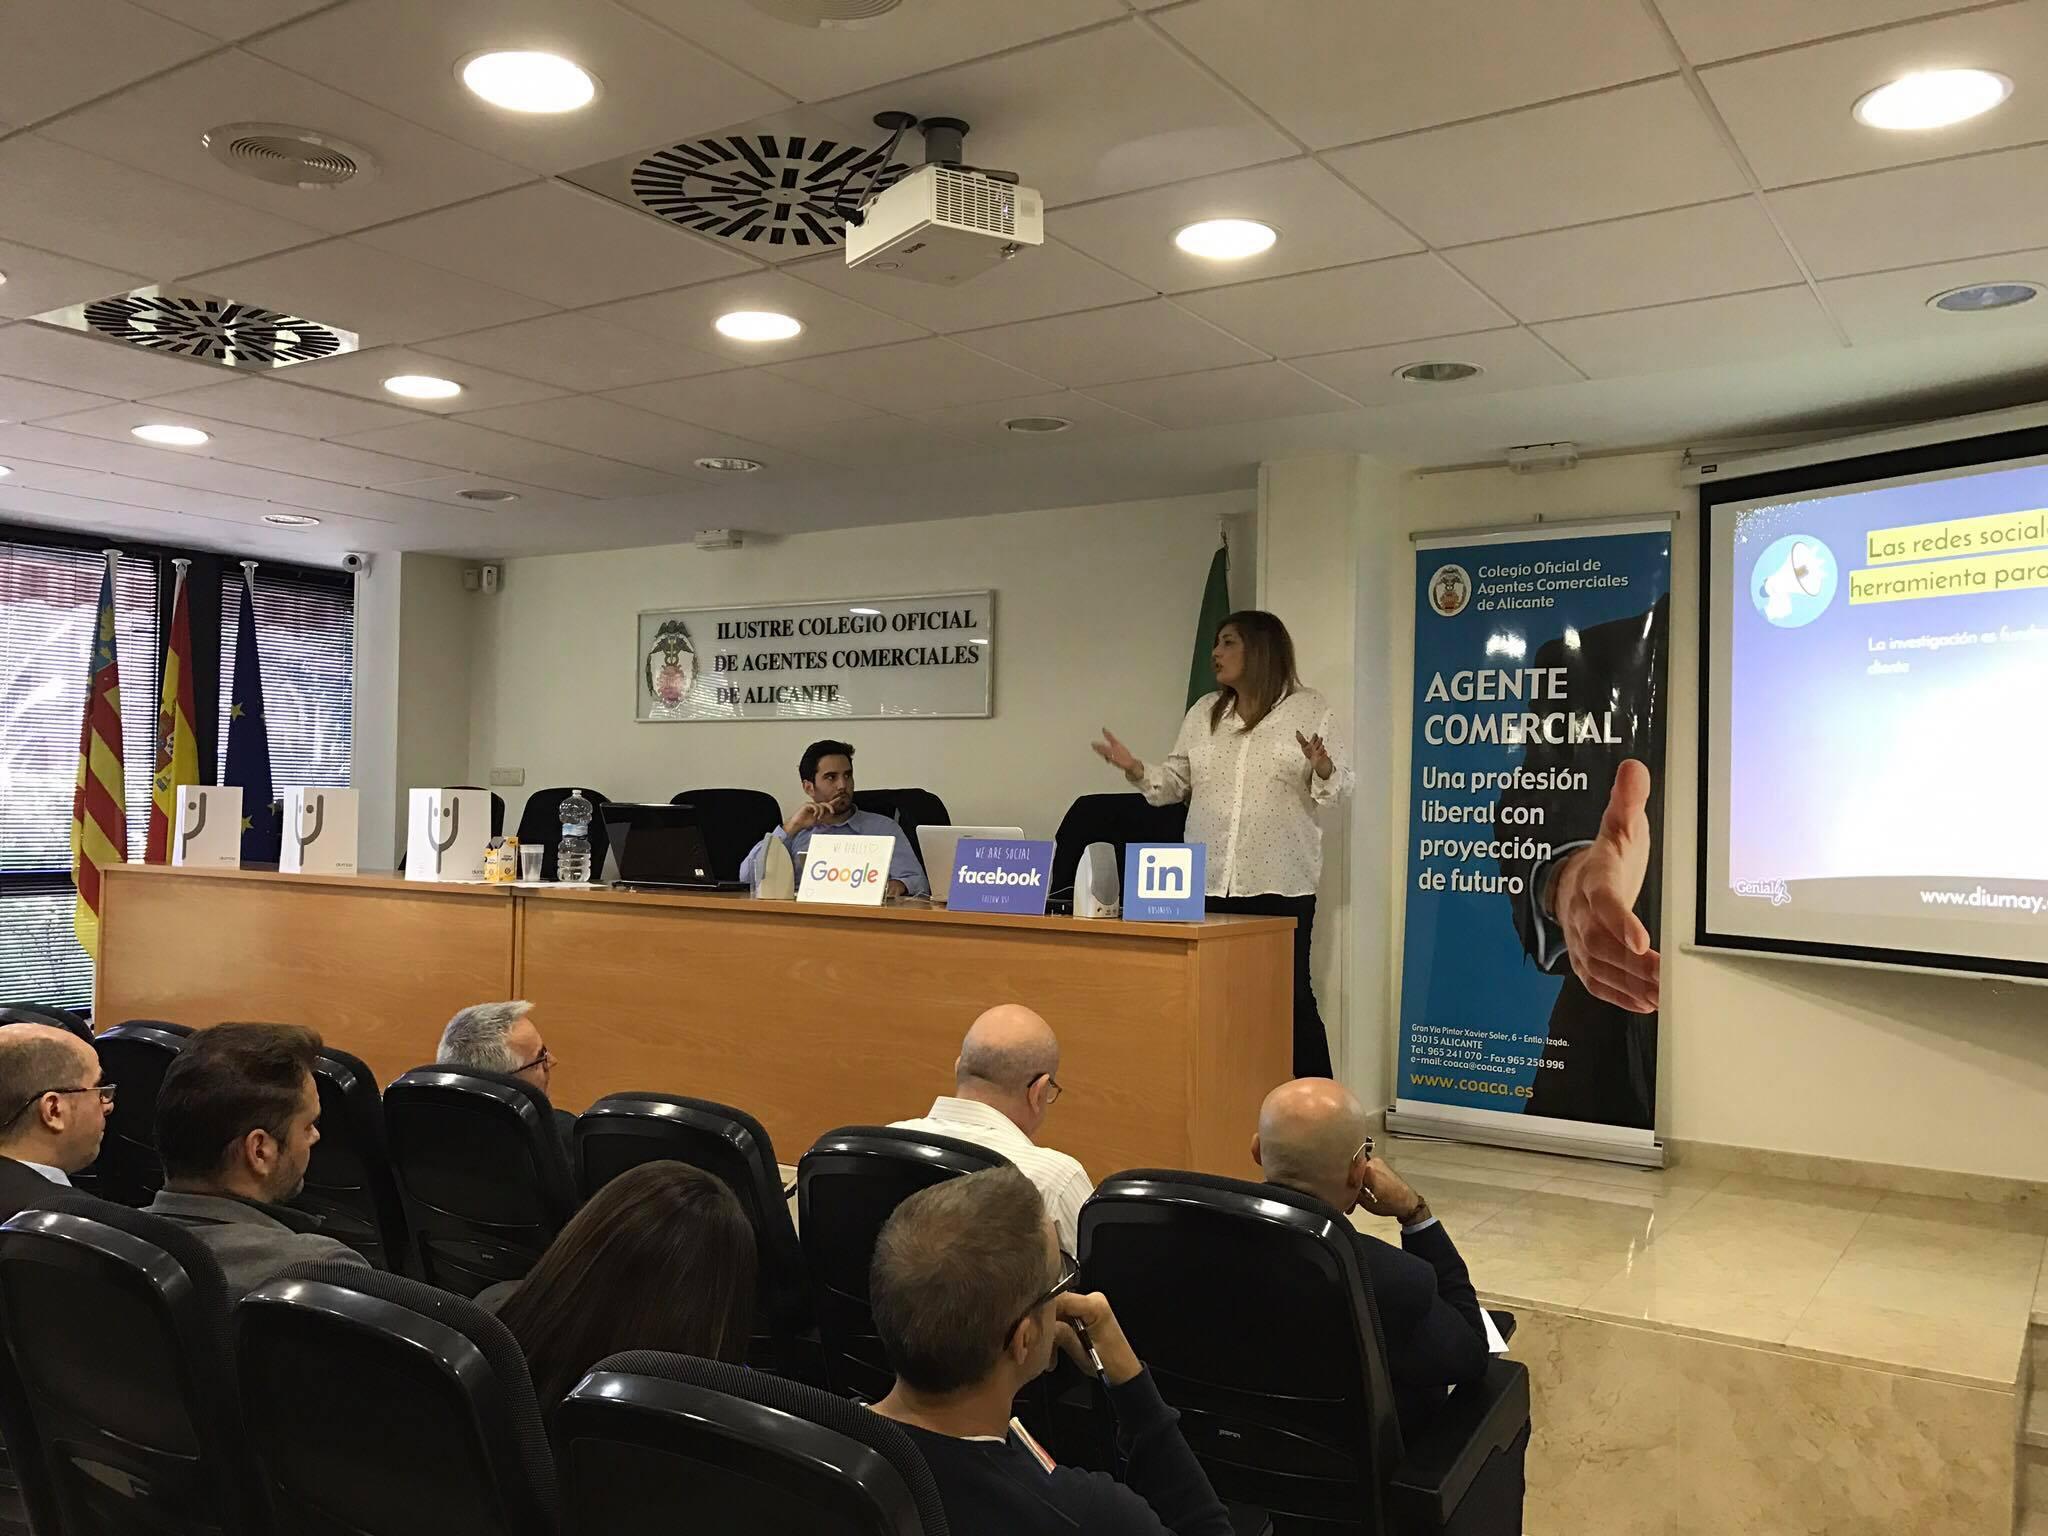 Agente Comercial 3.0 Colegio Oficial de Comerciales de Alicante